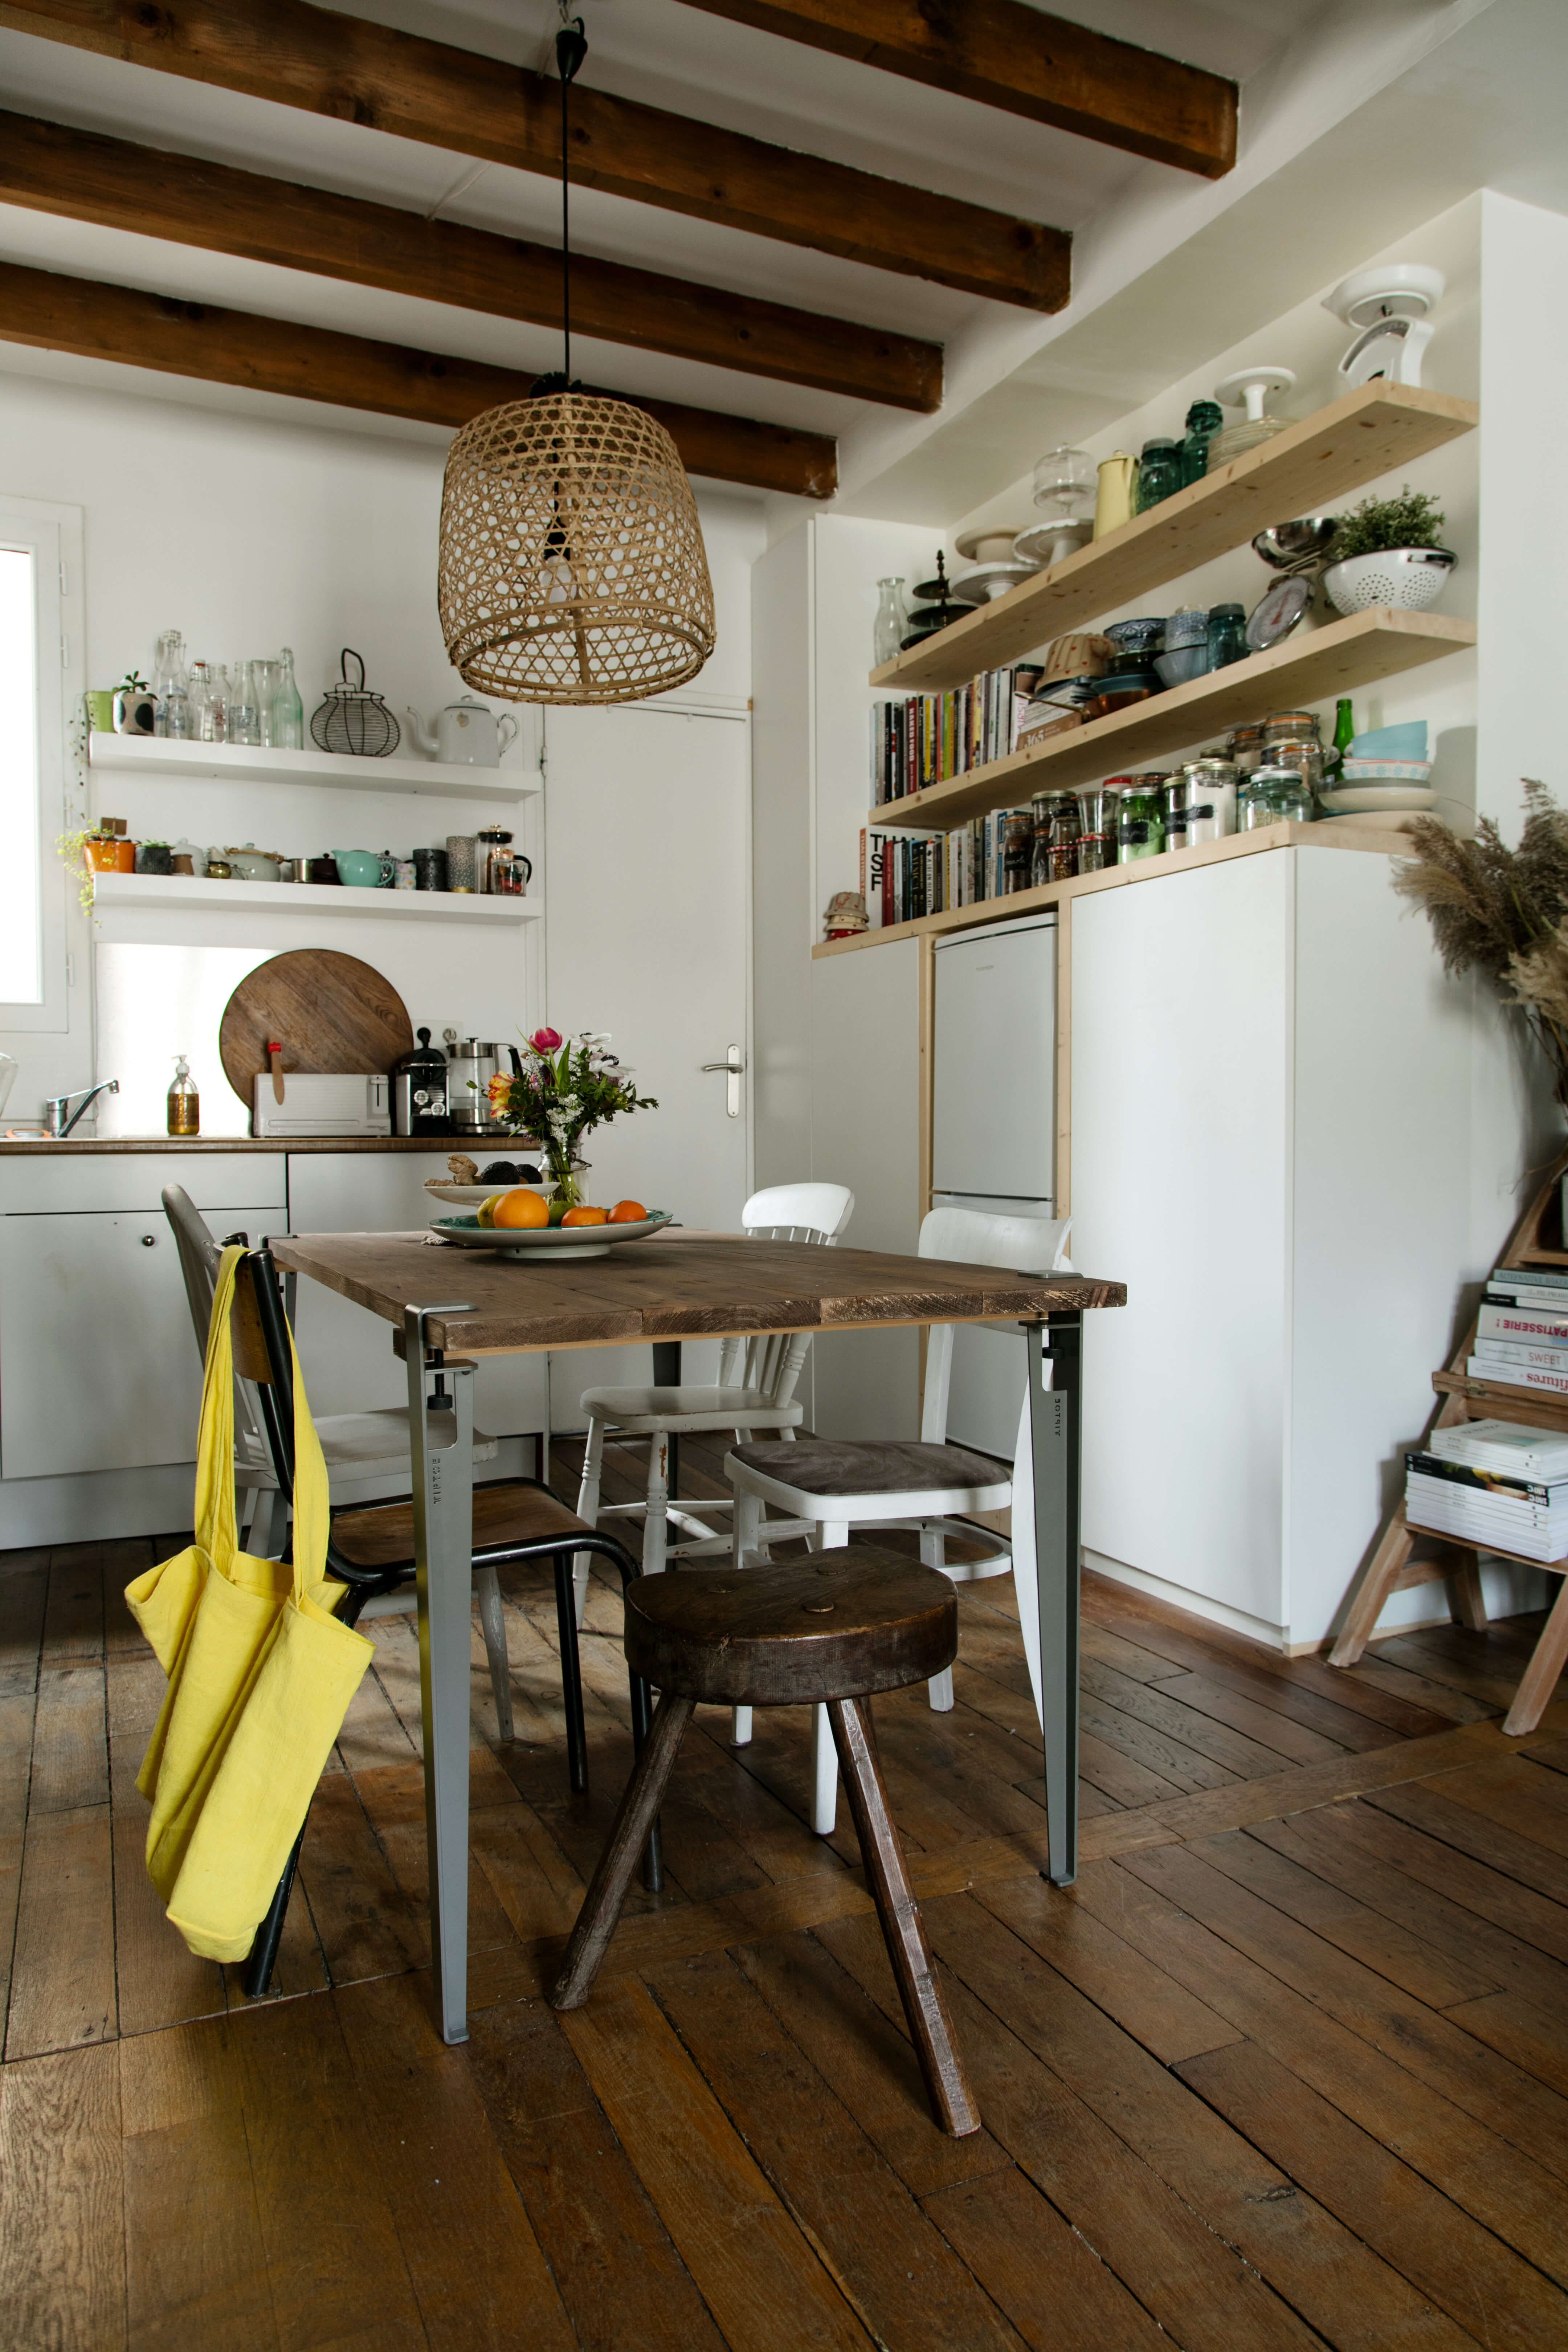 La table manger de sandrine portrait de la communaut - Table cuisine bois brut ...